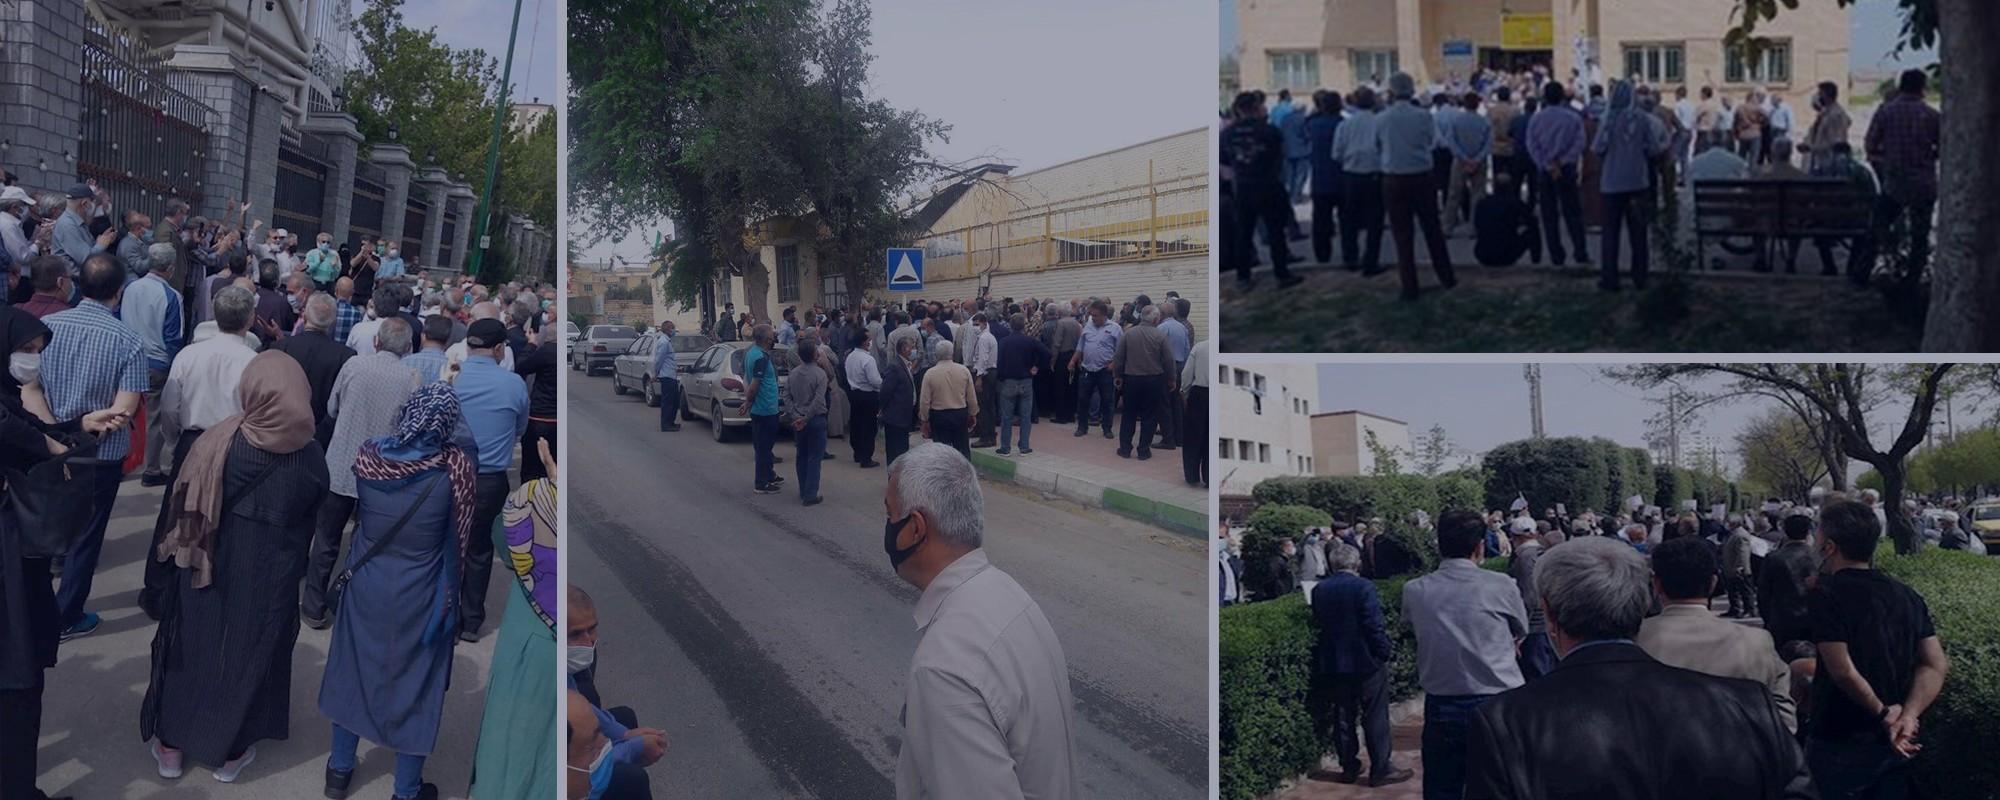 متقاعدون يحتجون وينهضون للمرة الثالثة في العام الجديد في 27 مدينة (20 محافظة) إيرانية